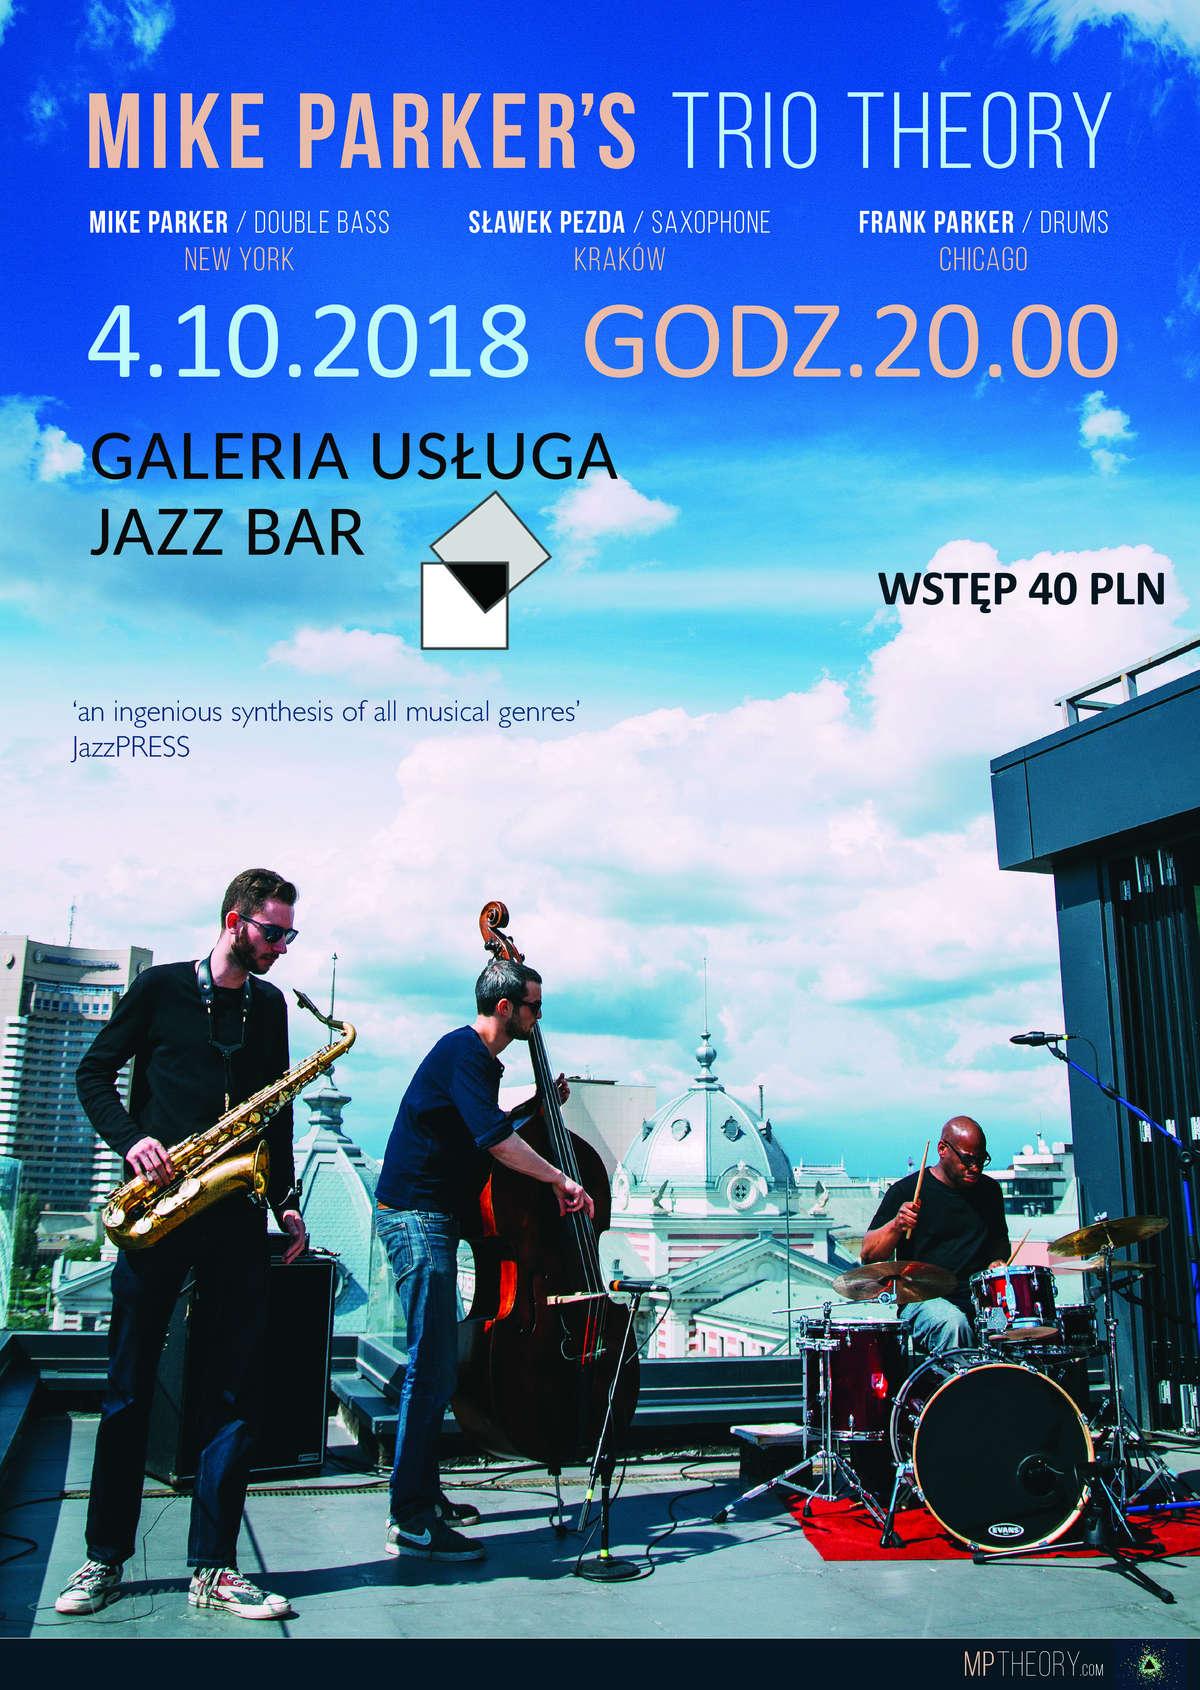 MIKE PARKER'S TRIO THEORY - koncert nowojorskiego trio jazzowego - full image